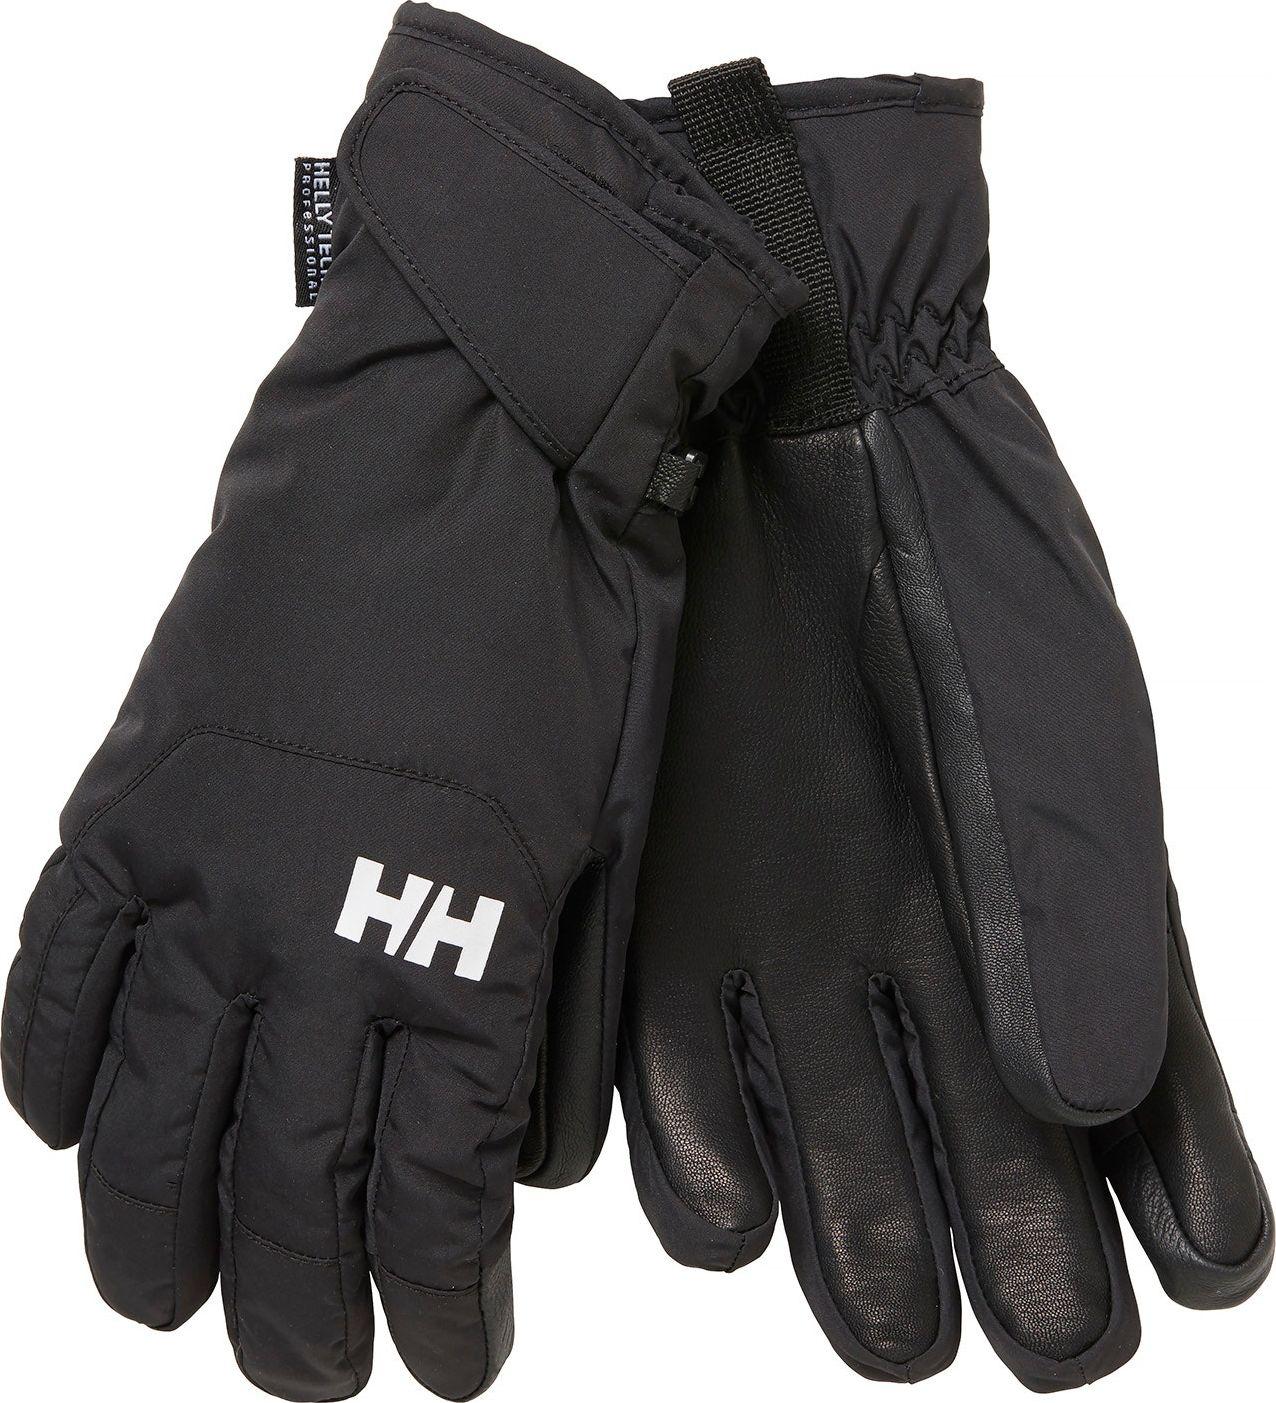 HELLY HANSEN Swift HT Glove Black XS